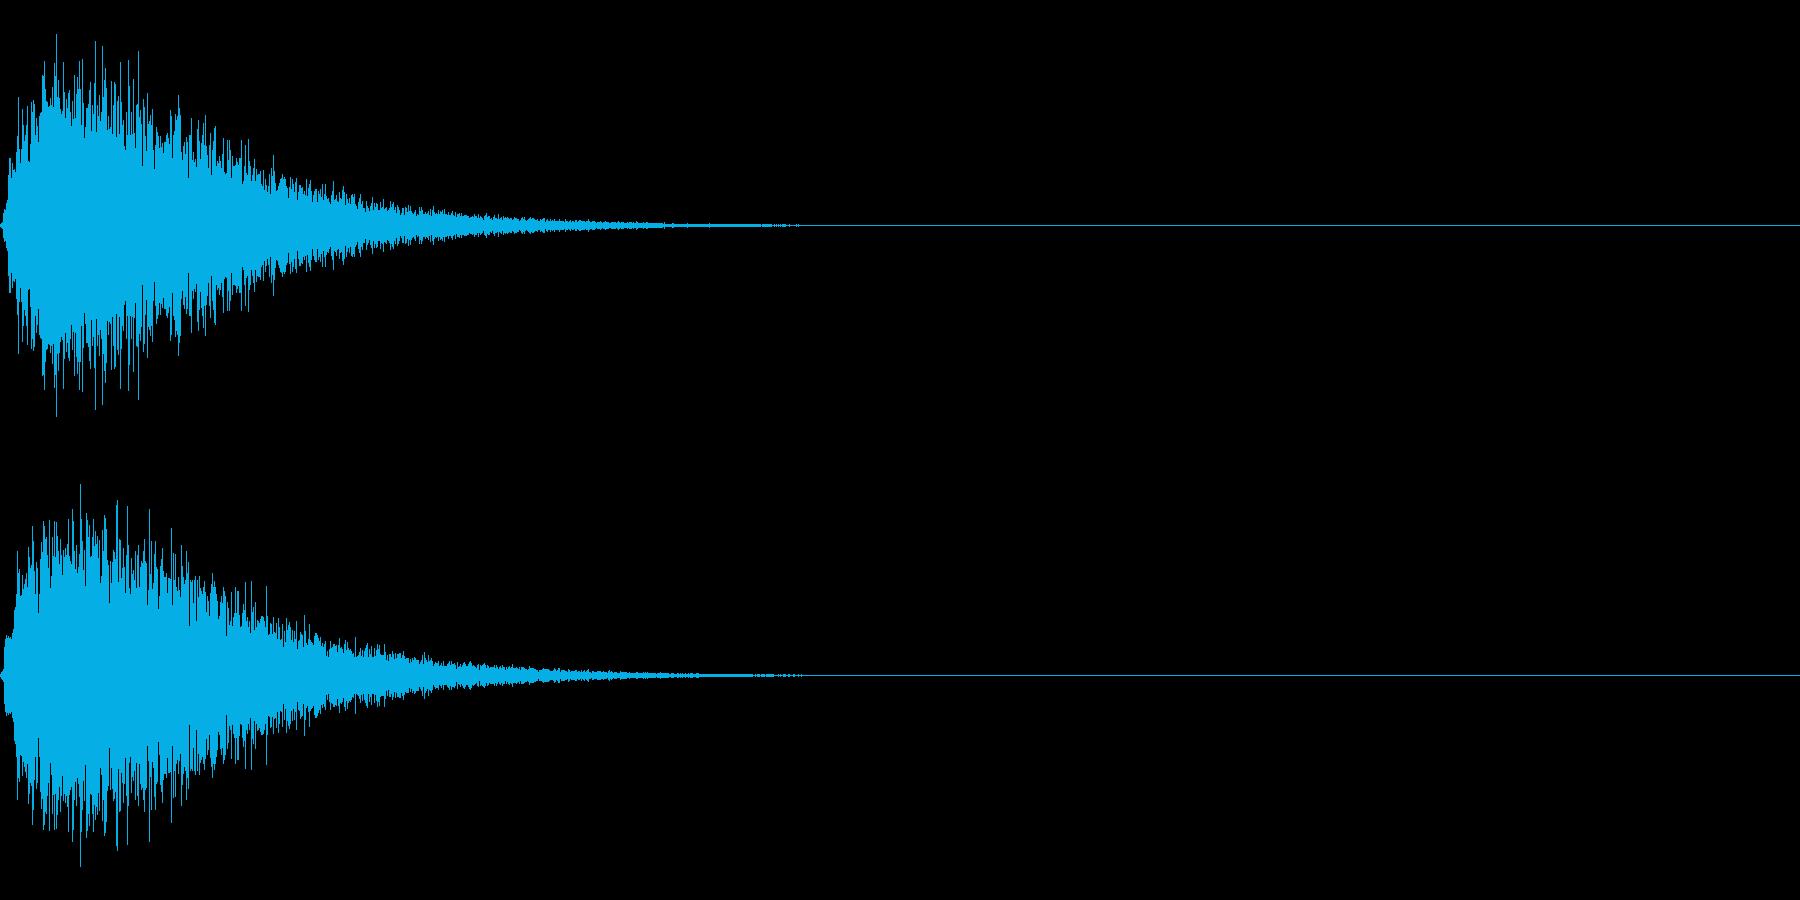 キュイン ボタン ピキーン キーン 8の再生済みの波形